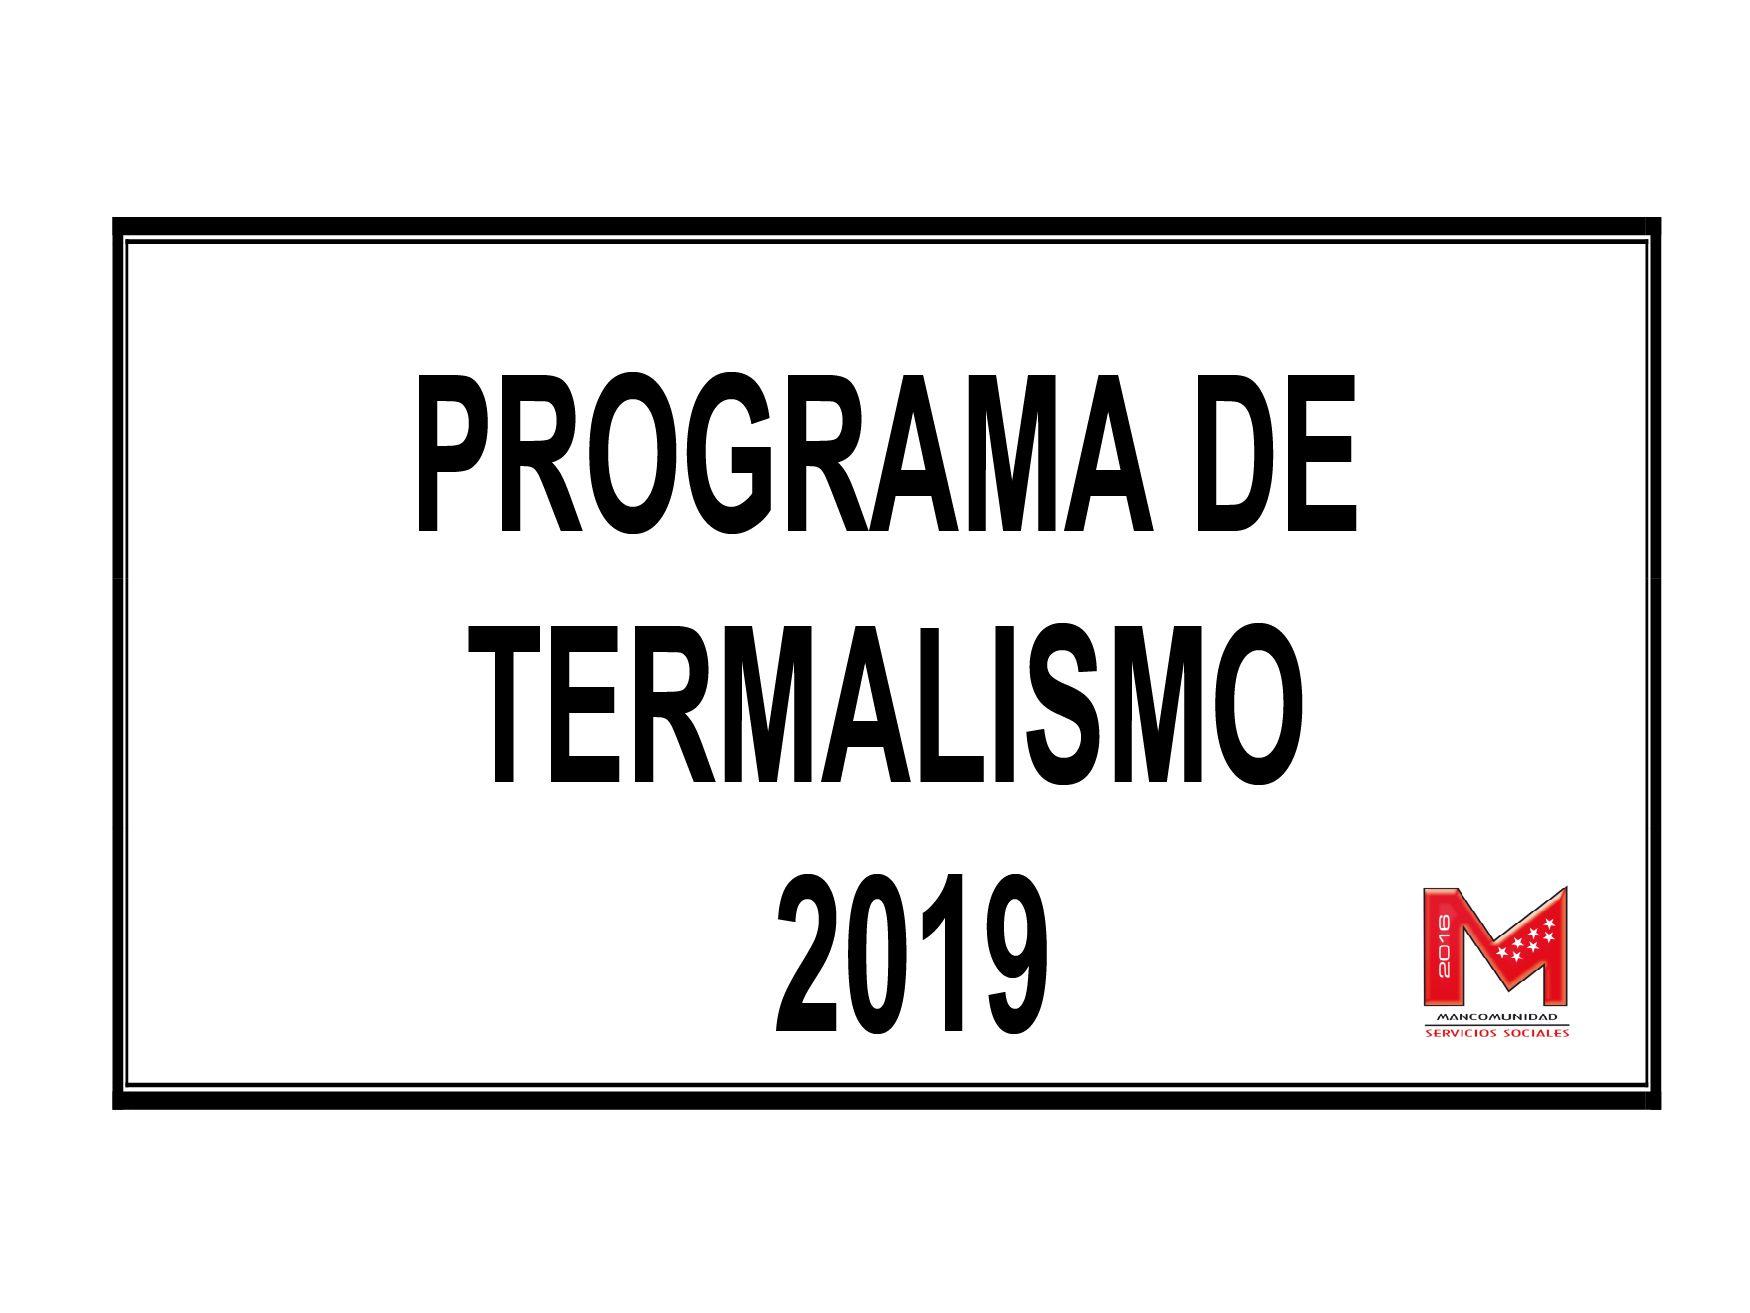 Termalismo 2019